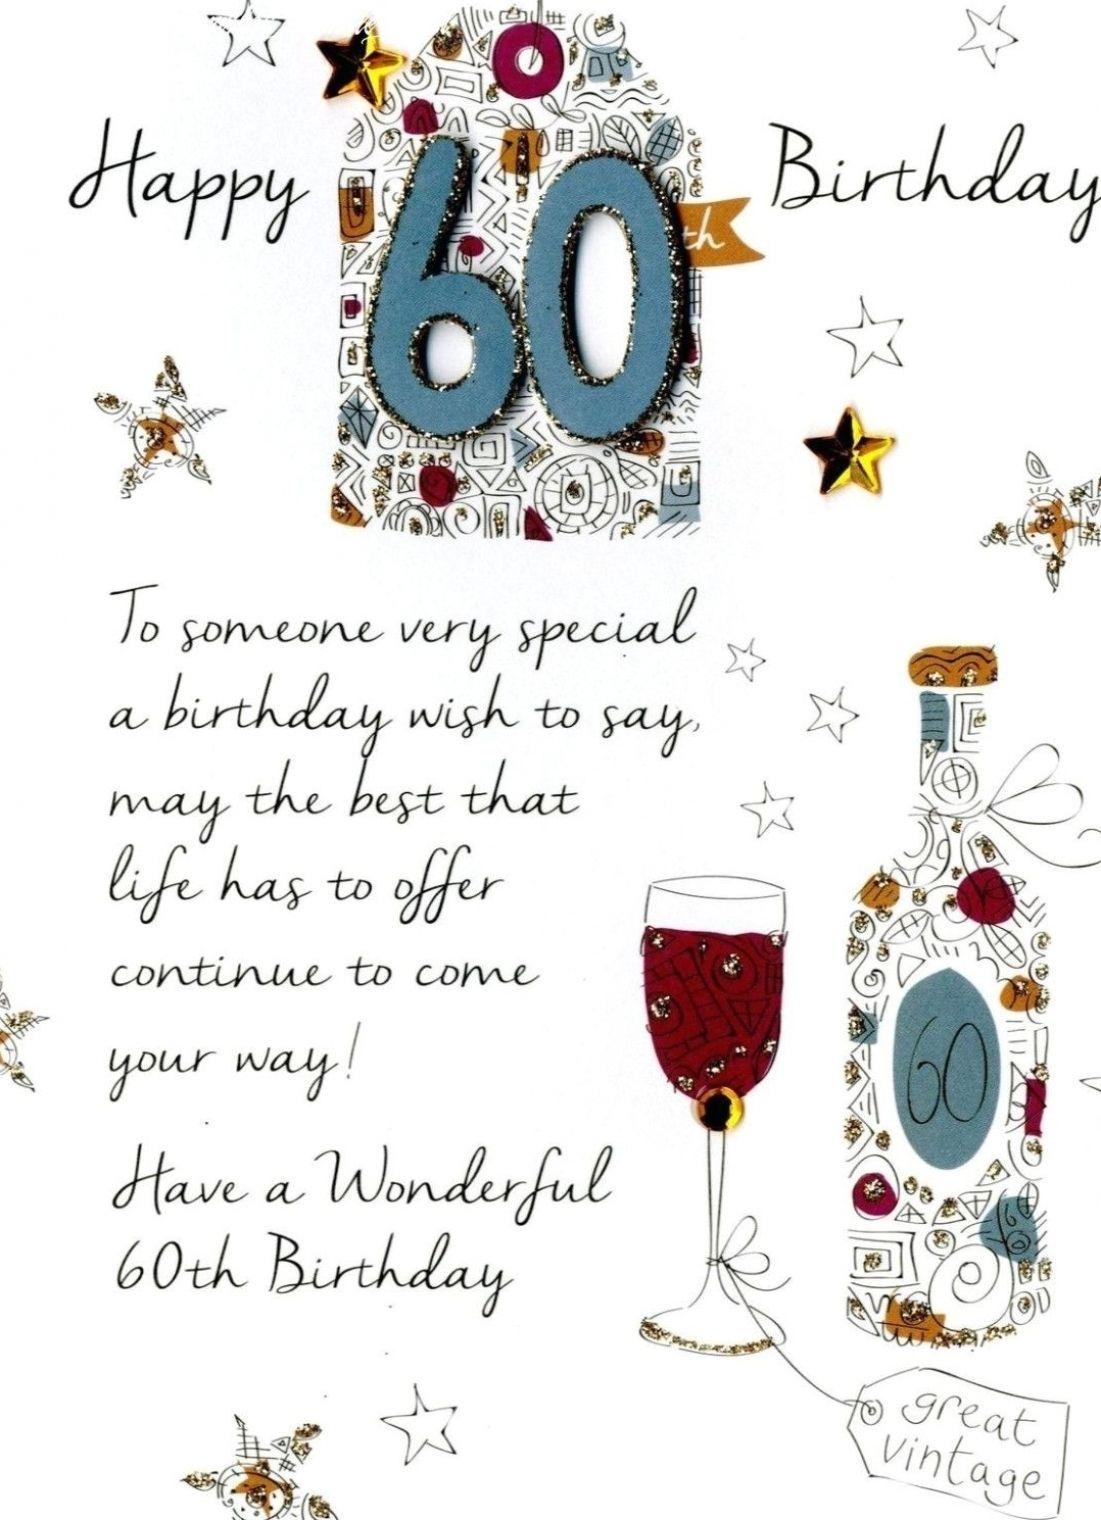 Printable Birthday Card Funny Printable Birthday Card Downloadable Birthday Card Digital Birthday Card Instant Download 60th Birthday Greetings 60th Birthday Quotes 60th Birthday Cards